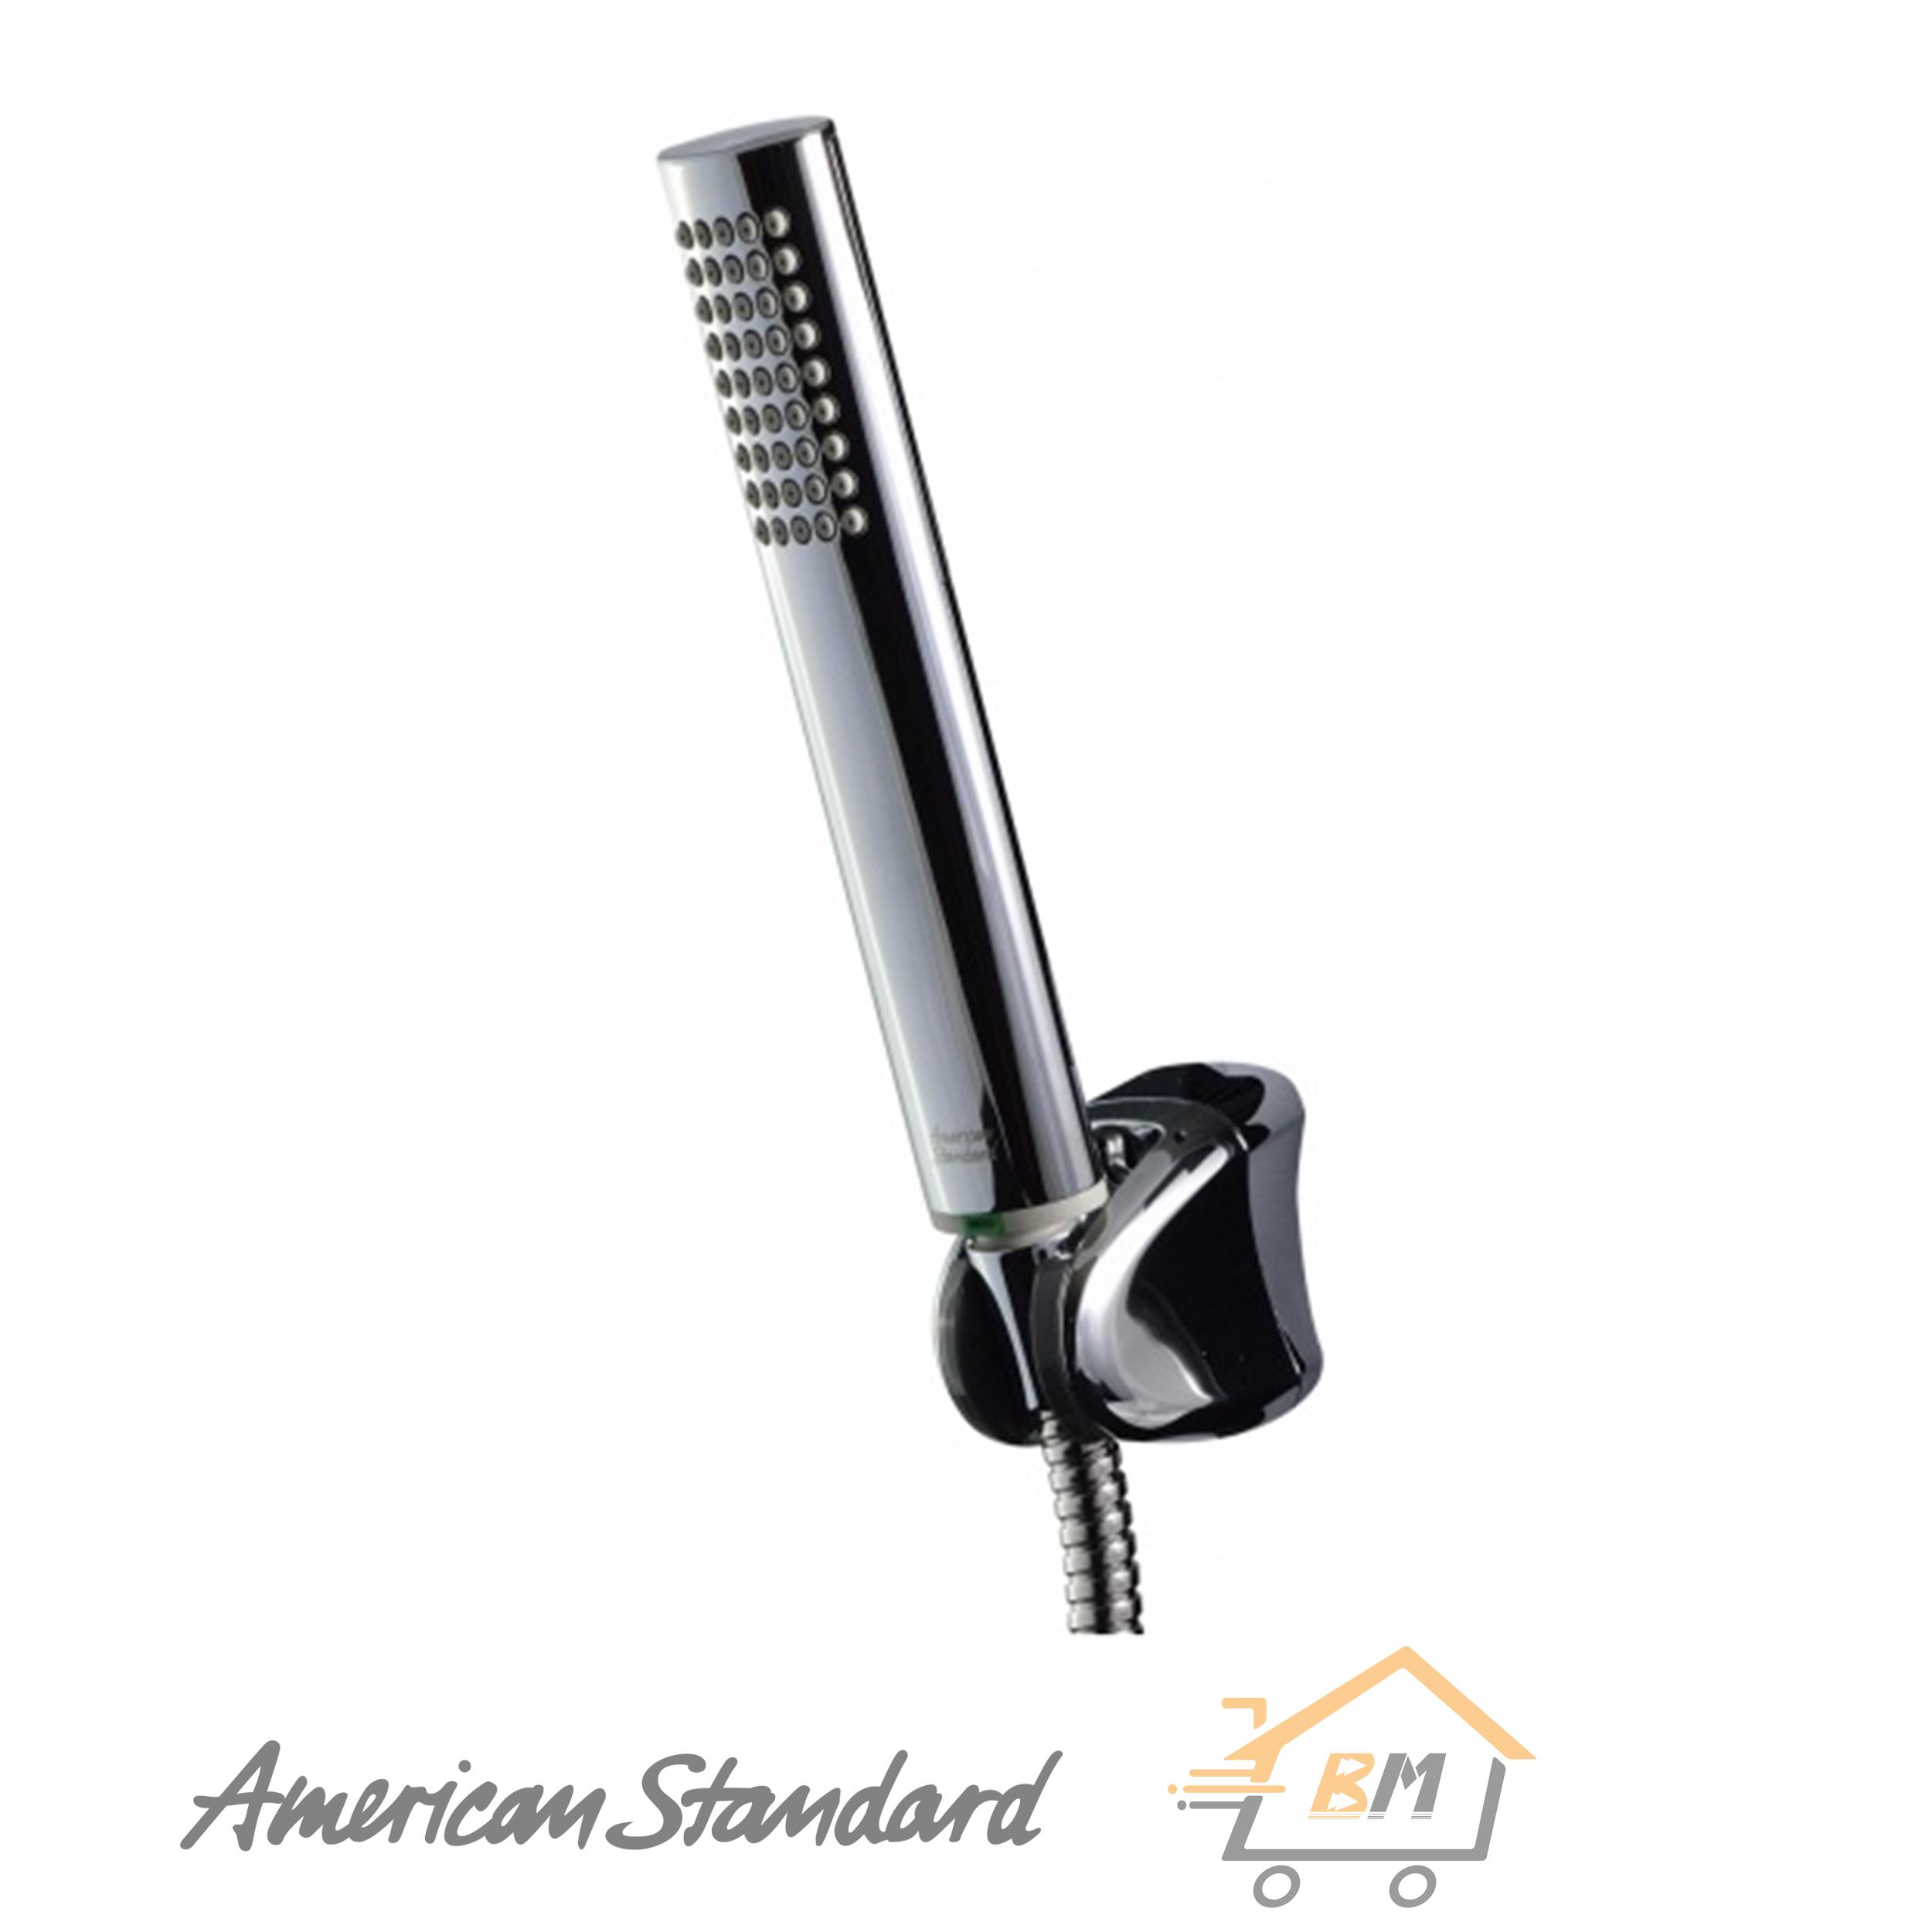 หัวฝักบัวสายอ่อน American Standard (A-6013-HS)